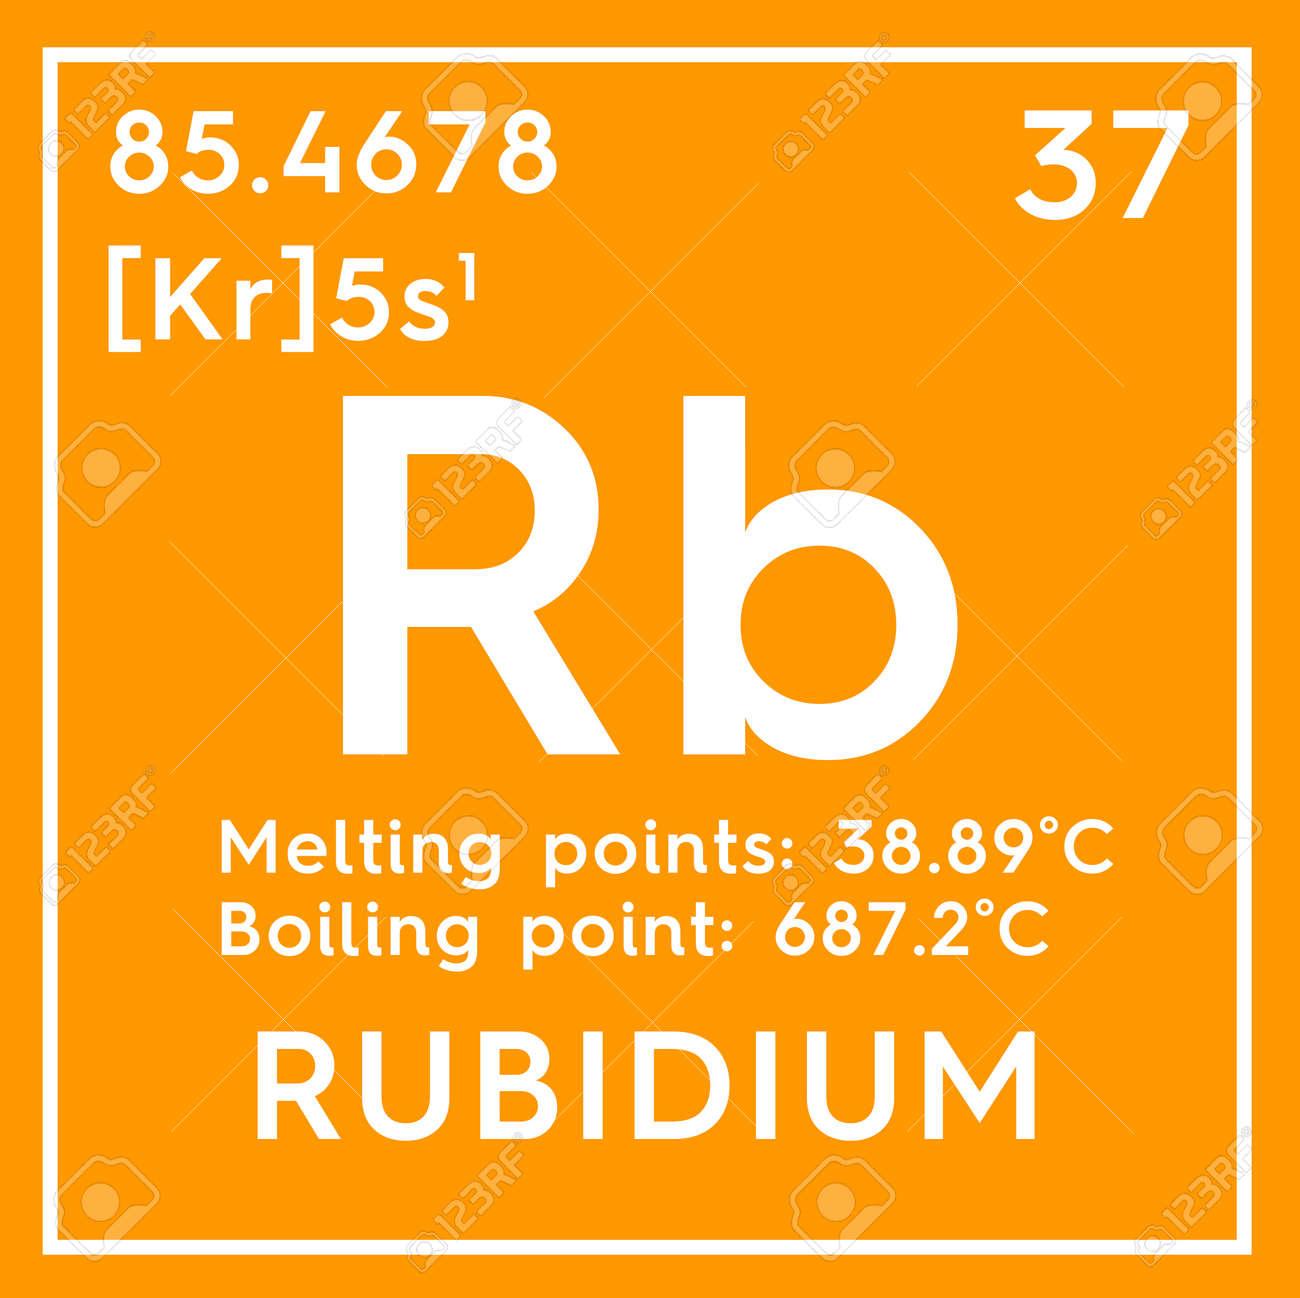 Rubidio metales alcalinos elemento qumico de la tabla peridica foto de archivo rubidio metales alcalinos elemento qumico de la tabla peridica de mendeleev rubidium en un cubo cuadrado concepto creativo urtaz Image collections